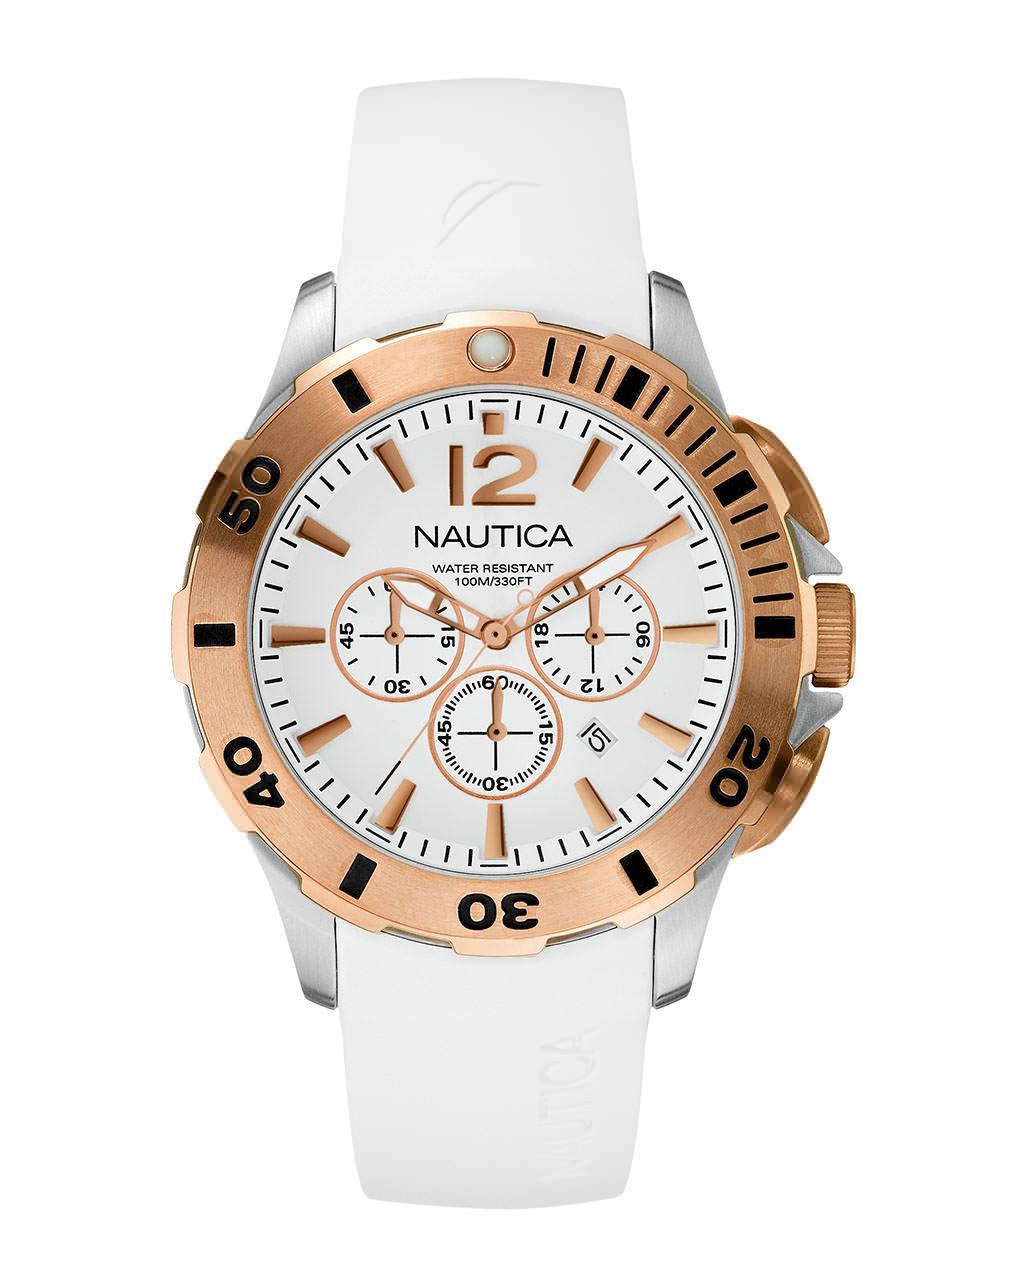 Ρολόι NAUTICA BFD 101 A19557G   brands nautica